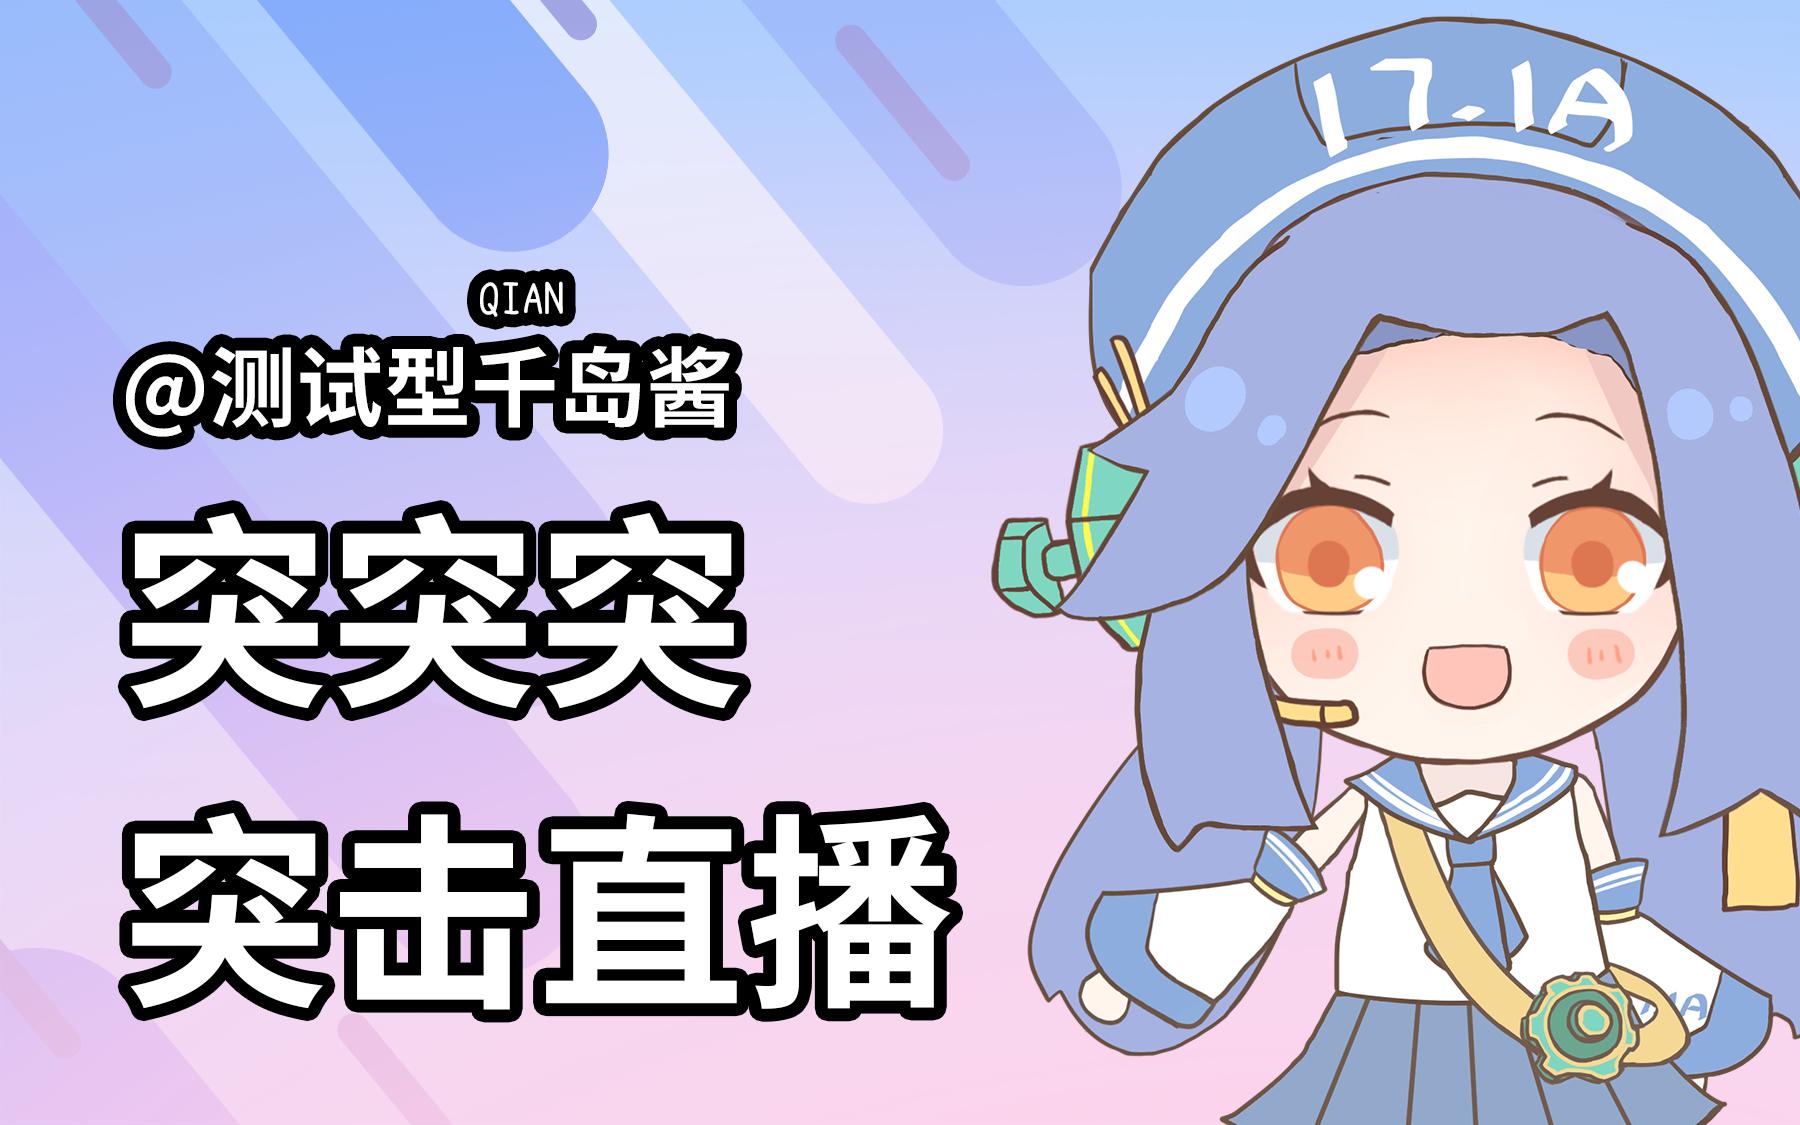 【录播】千岛2021年母亲节直播